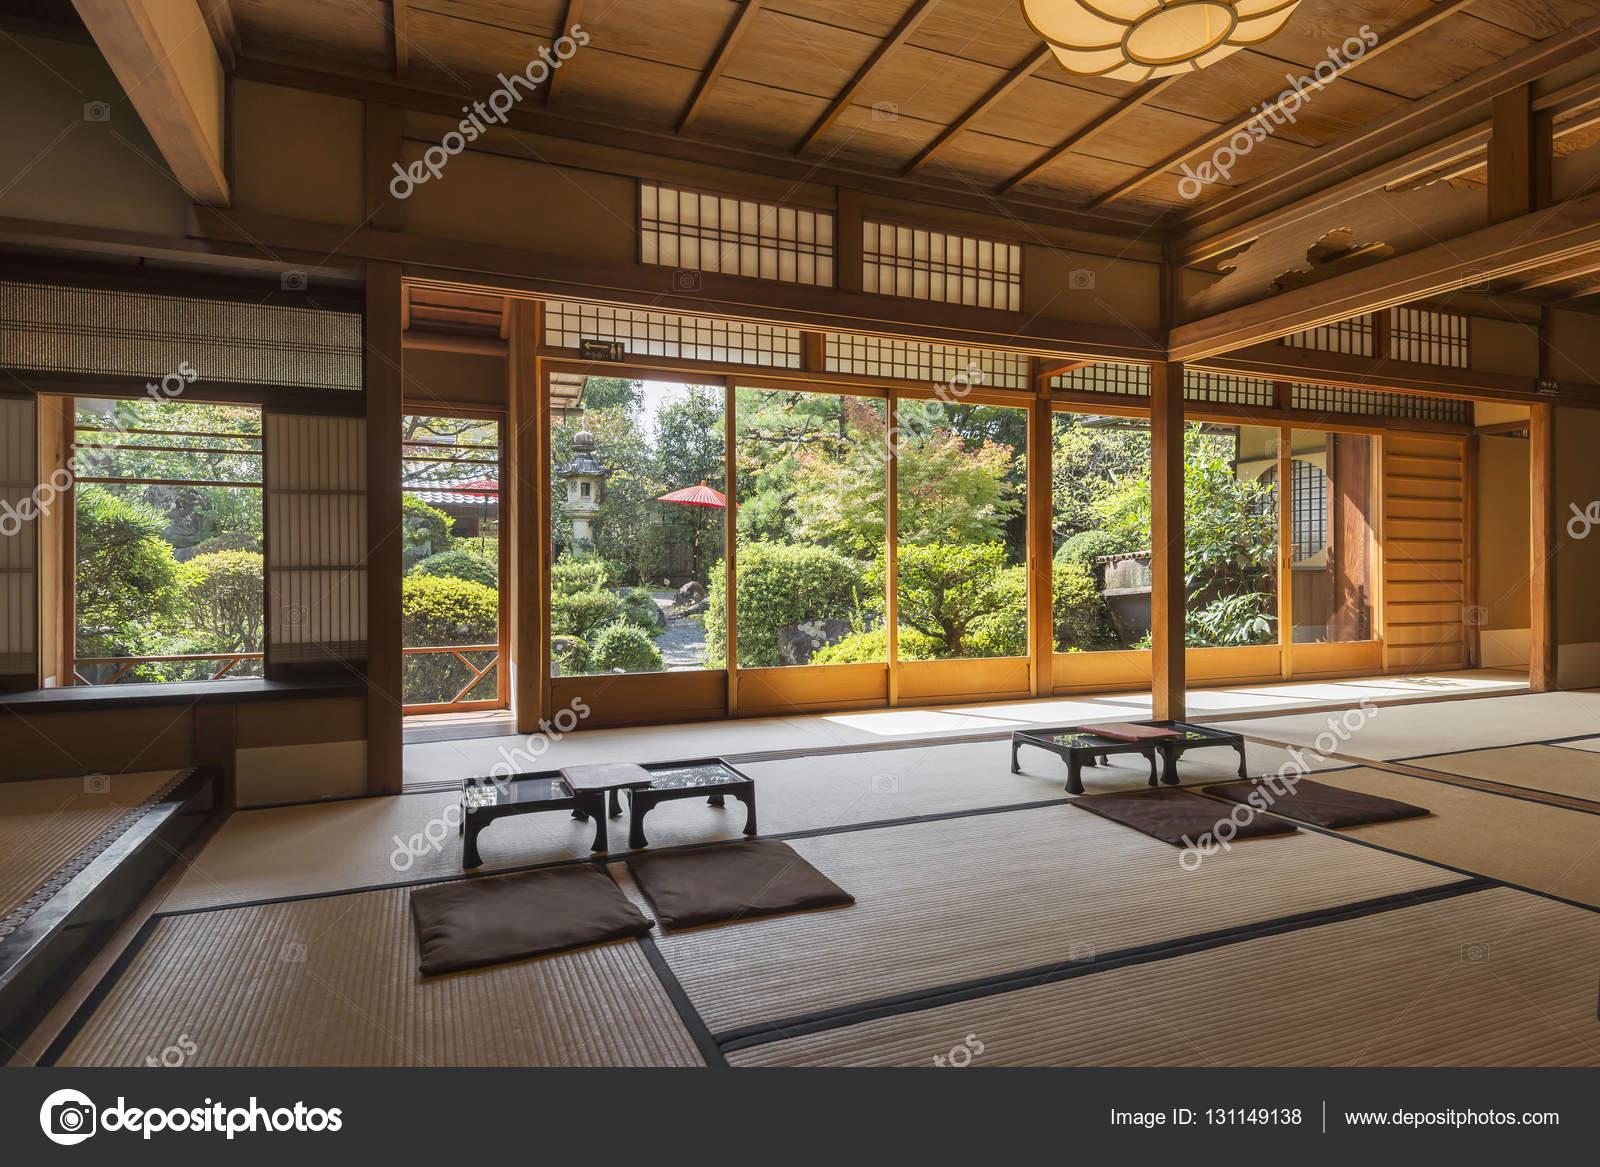 intrieur dune tranditional japonais th et dessert maison avec jardin zen kyoto japon image de tapanuth